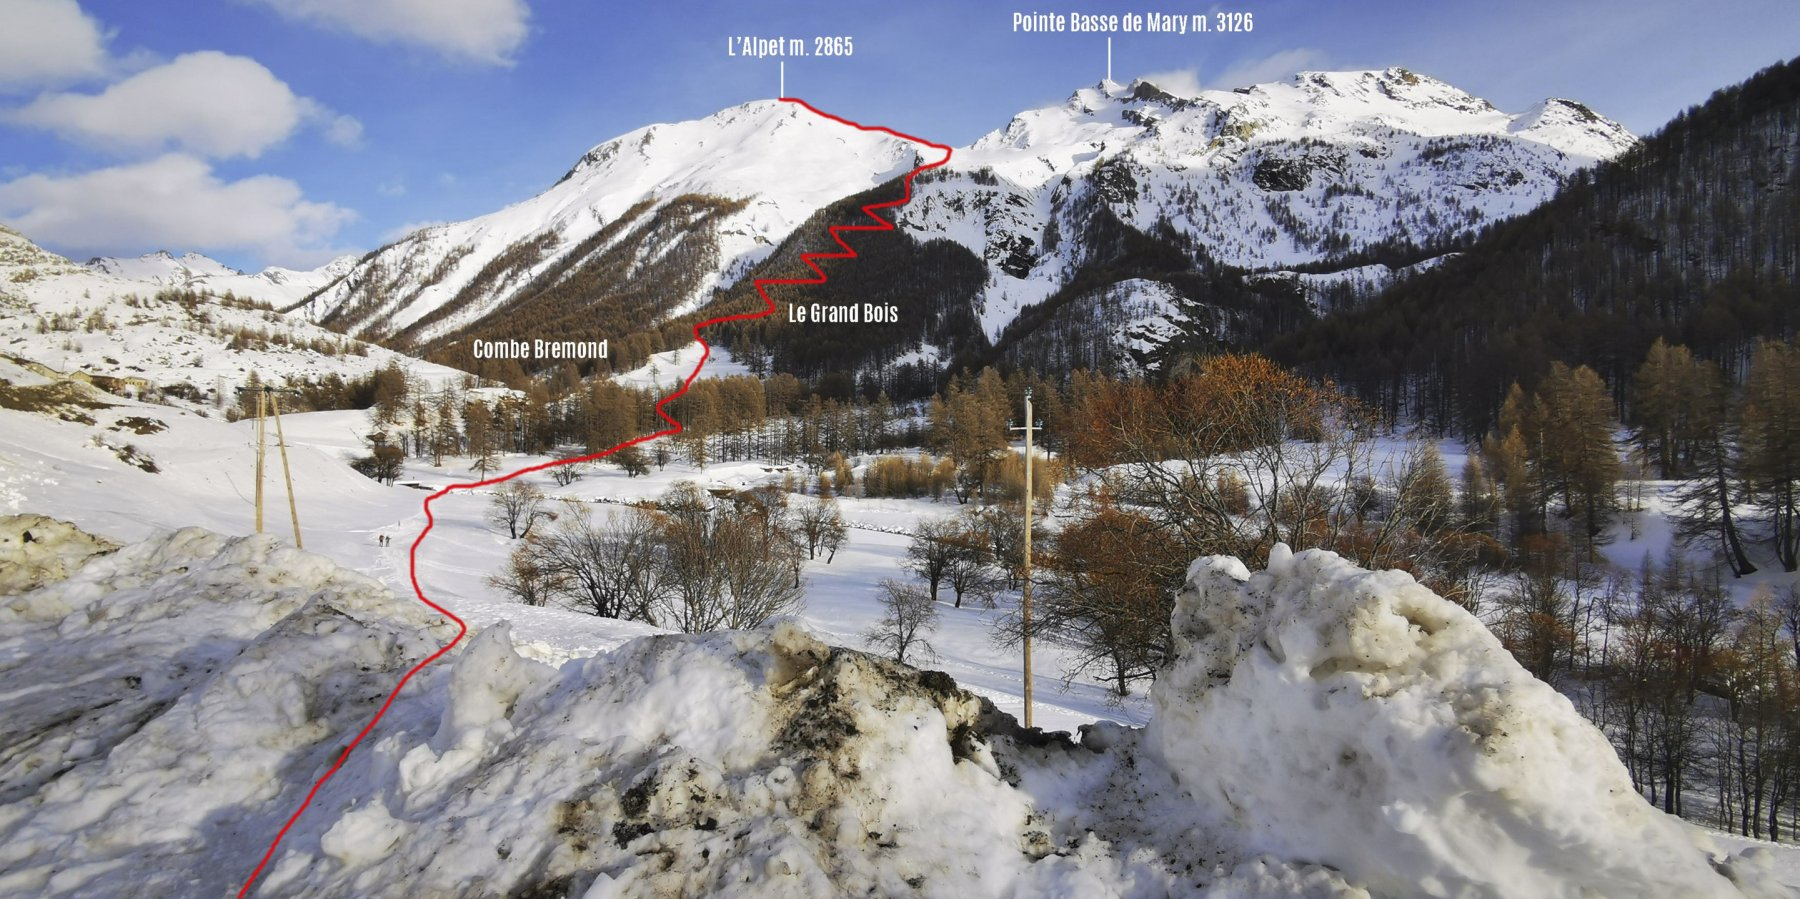 itinerario di salita osservato dalla Chiesetta del Maurin